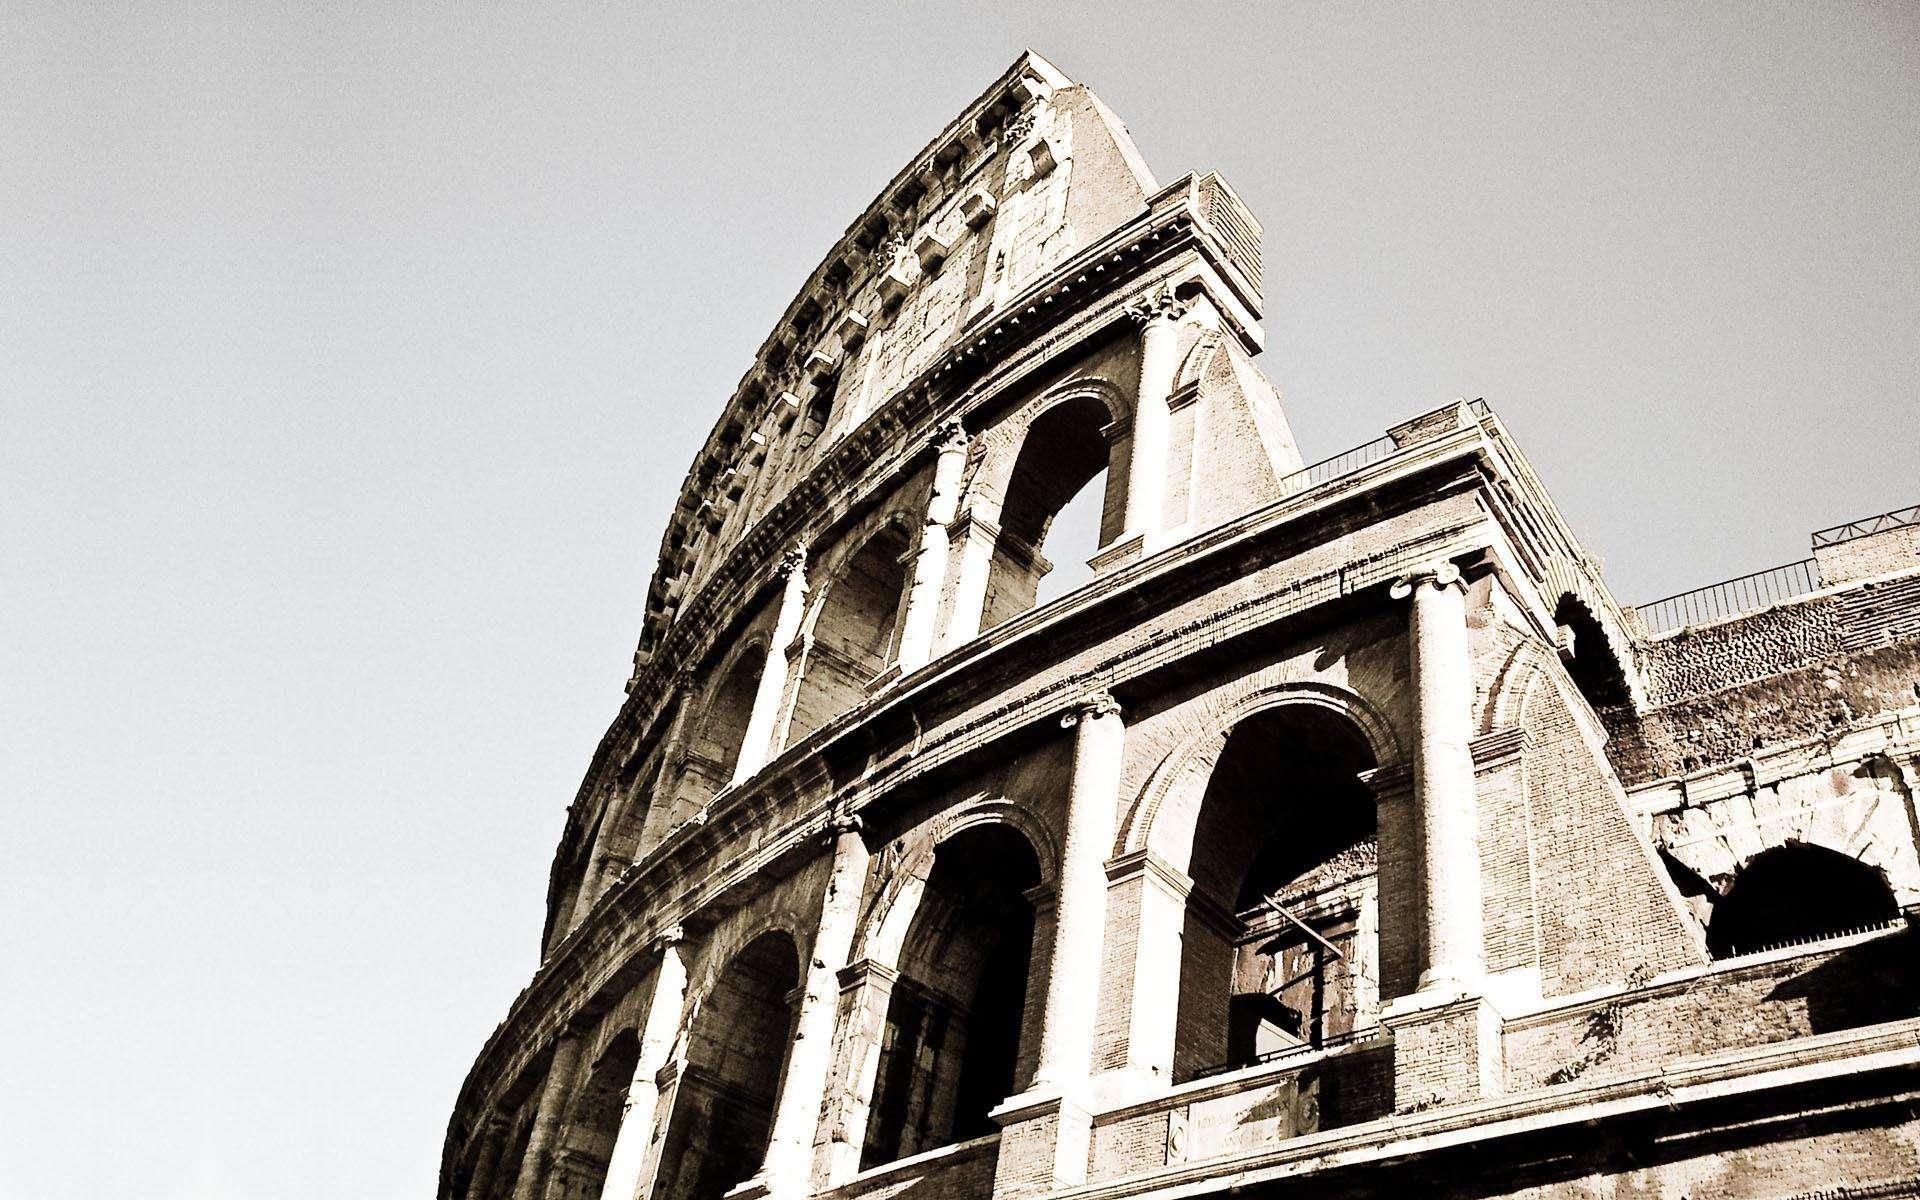 意大利预算问题持续向好 避险减弱